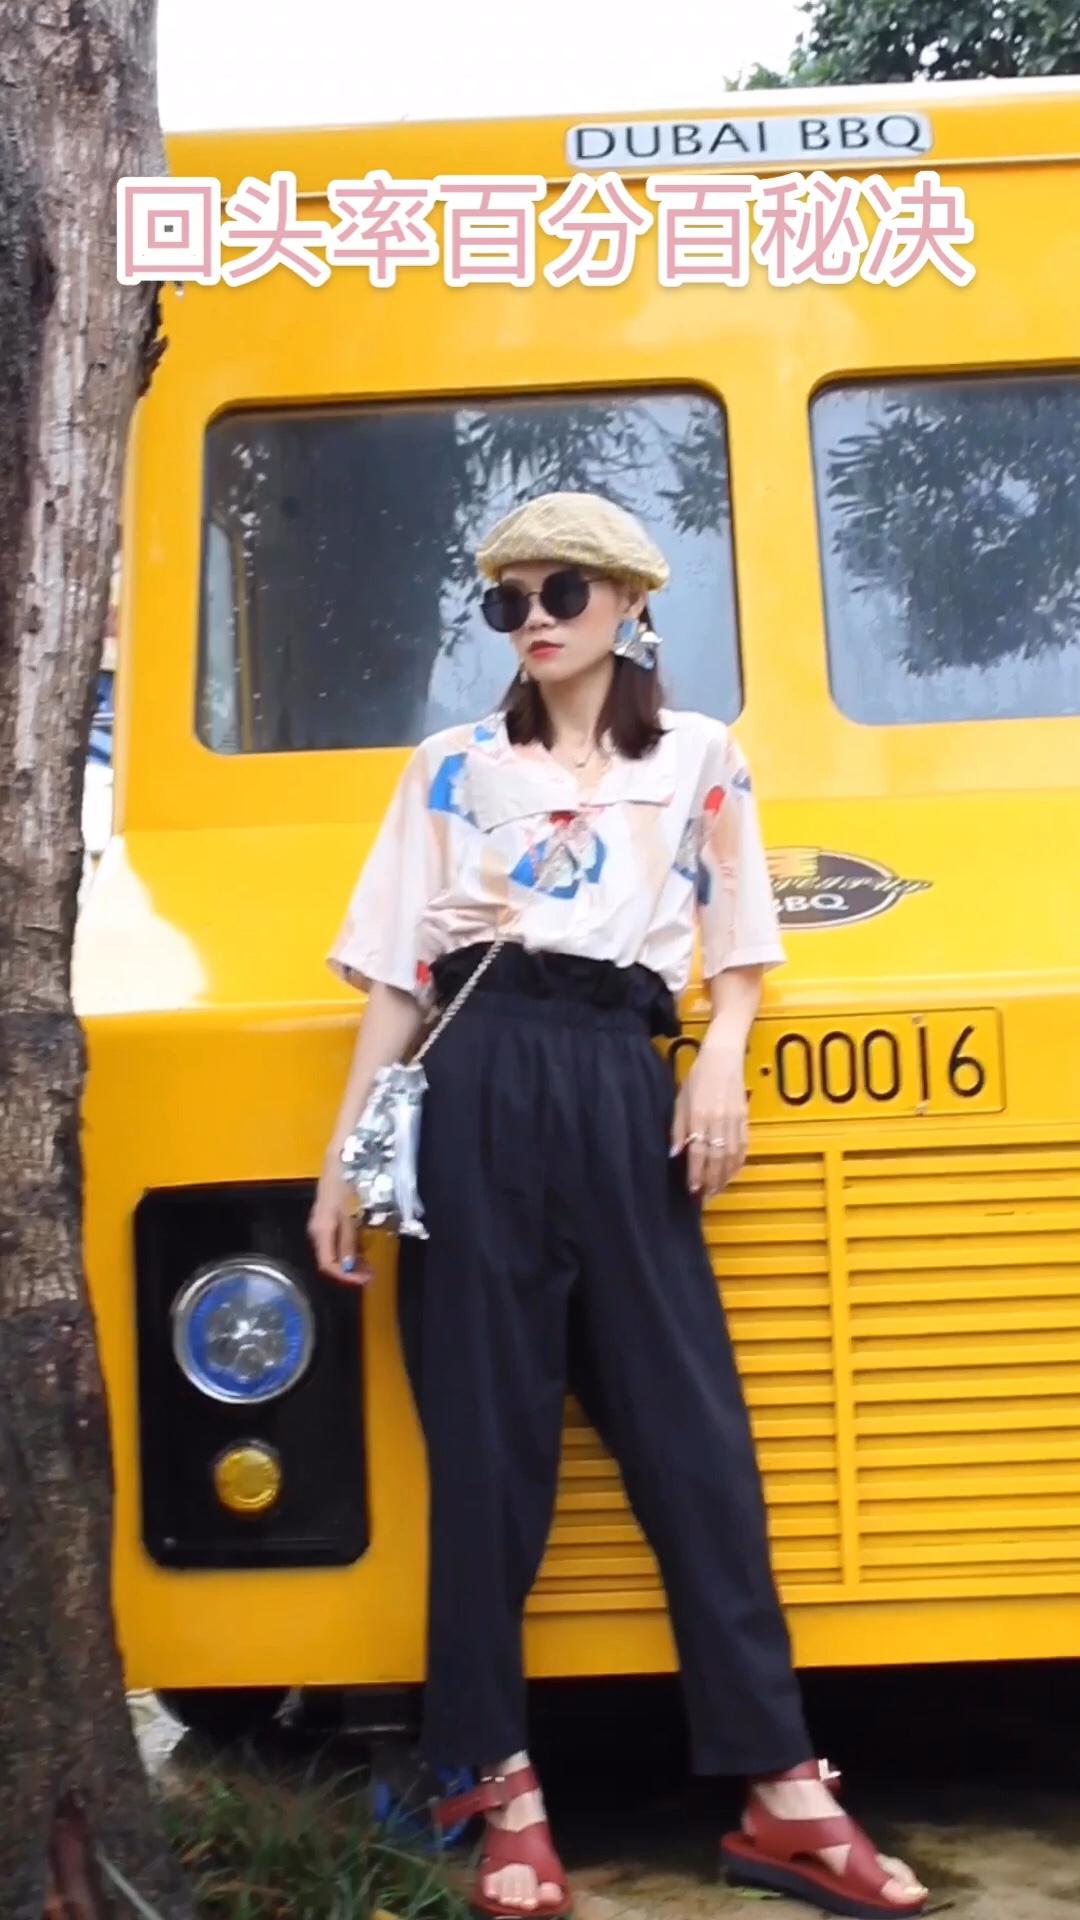 Jade今日穿搭分享/韩系时尚休闲风✨✨  一件奶咖色印花衬衫➕一条黑色高腰花包裤➕红色韩式凉鞋➕一个超个性斜挎亮片包➕一顶格子贝雷帽➕黑色墨镜耳饰等、 这样的穿搭韩系又又个性 喜欢记得点赞关注哟,我每周都会给大家分享不同的穿搭哦!#高腰裤让你一秒拥有漫画腿!#